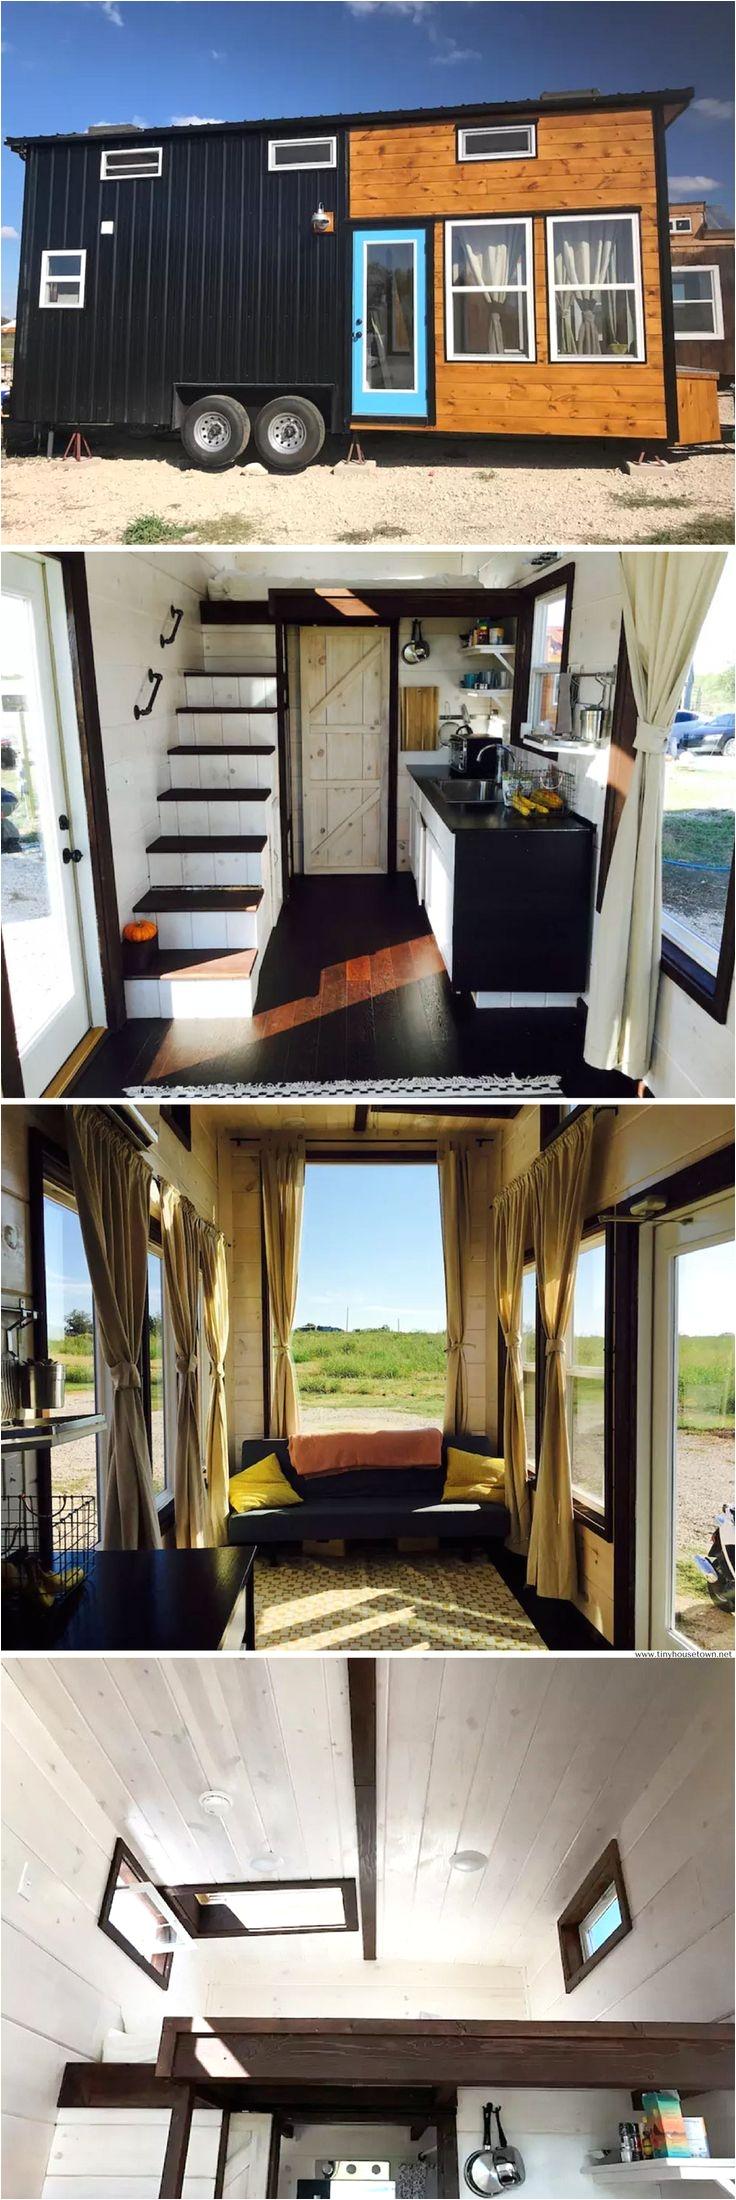 the texas style tiny house